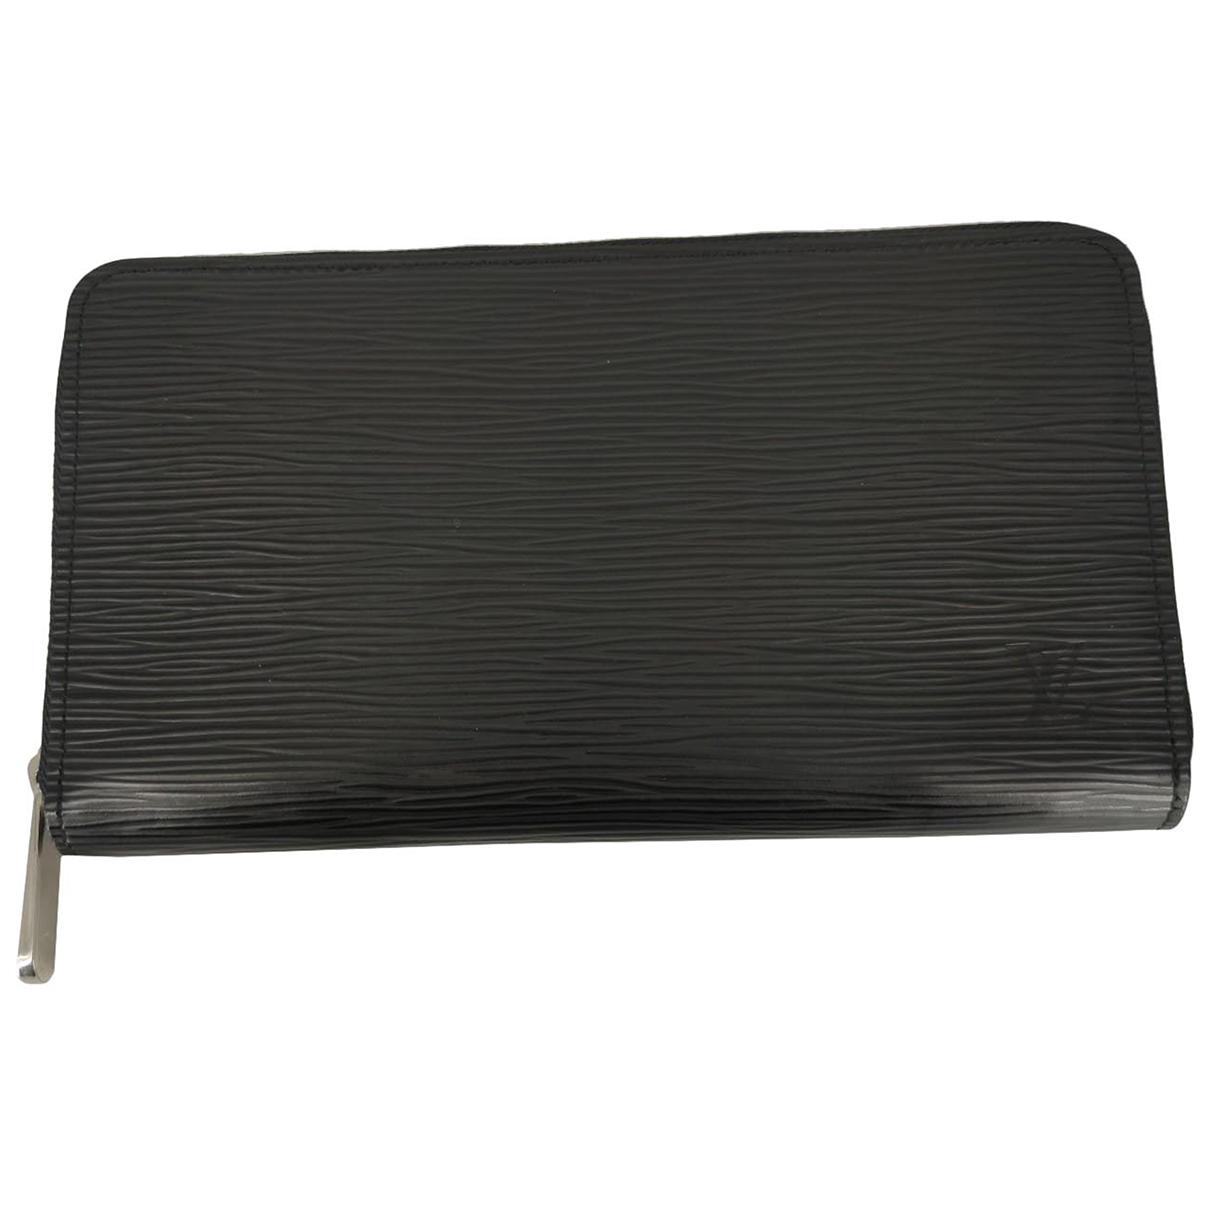 Louis Vuitton - Petite maroquinerie   pour homme en cuir - noir